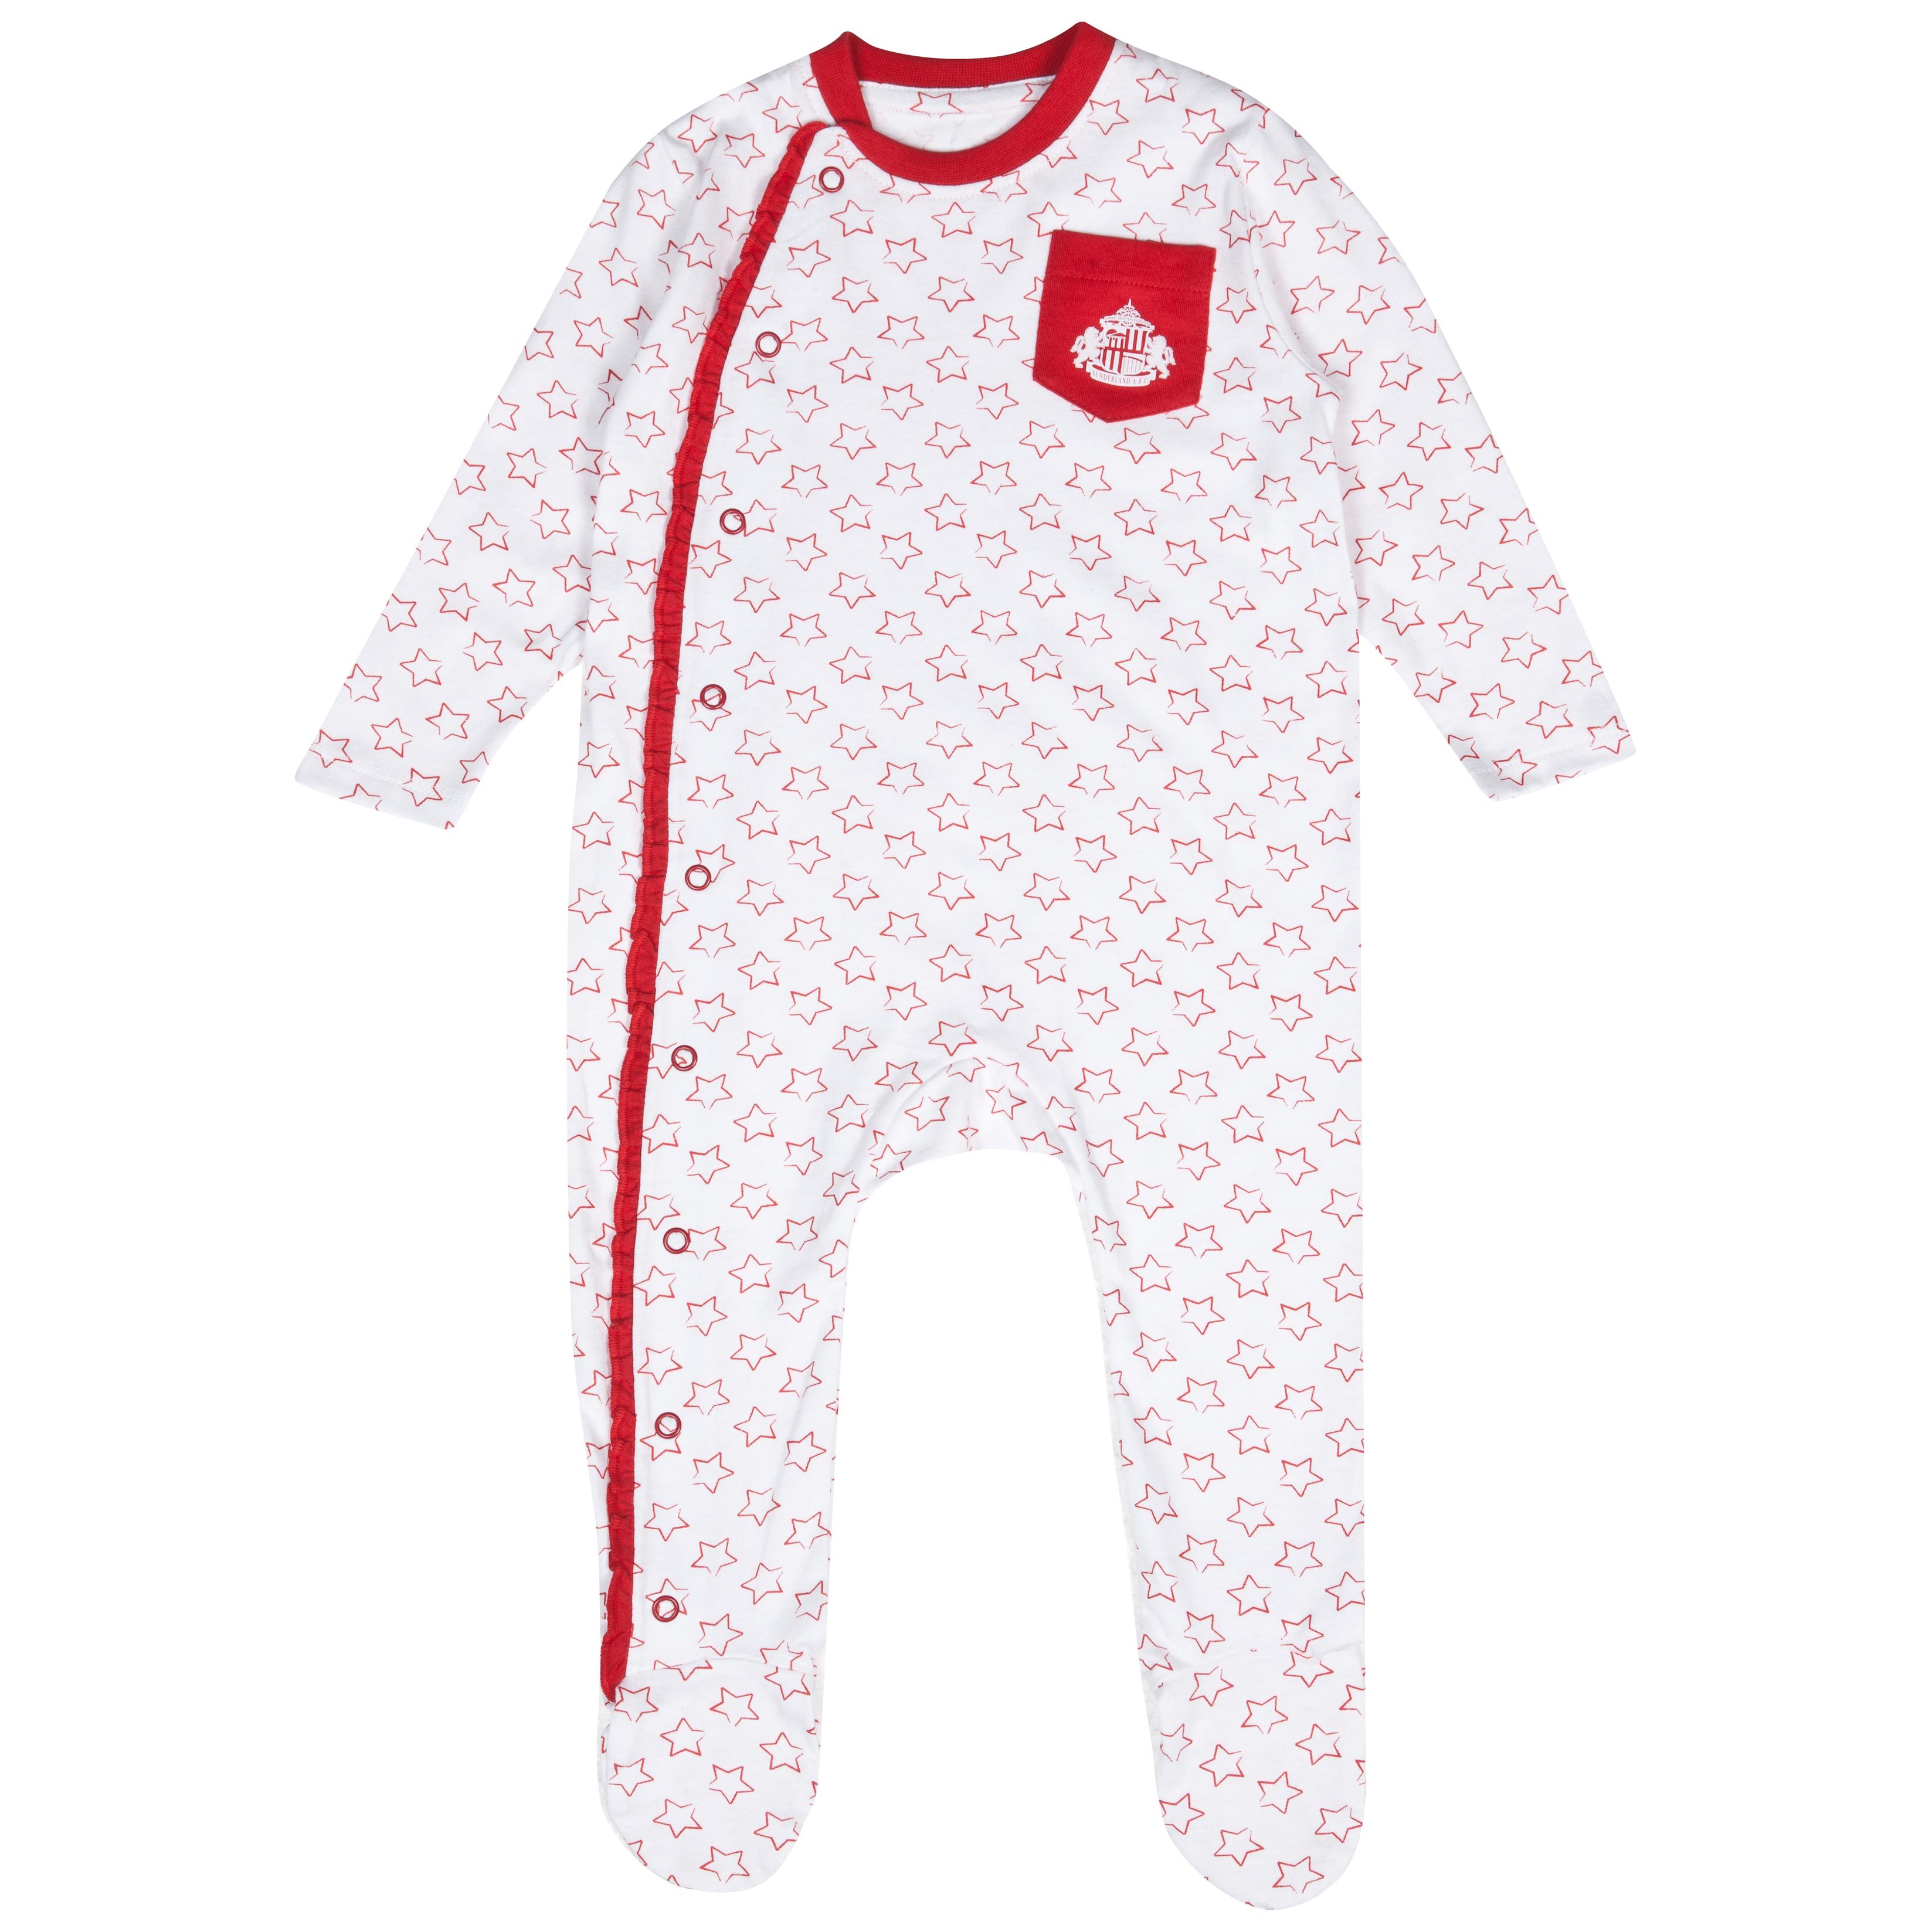 Sunderland Frill Sleepsuit - White/Red - Baby